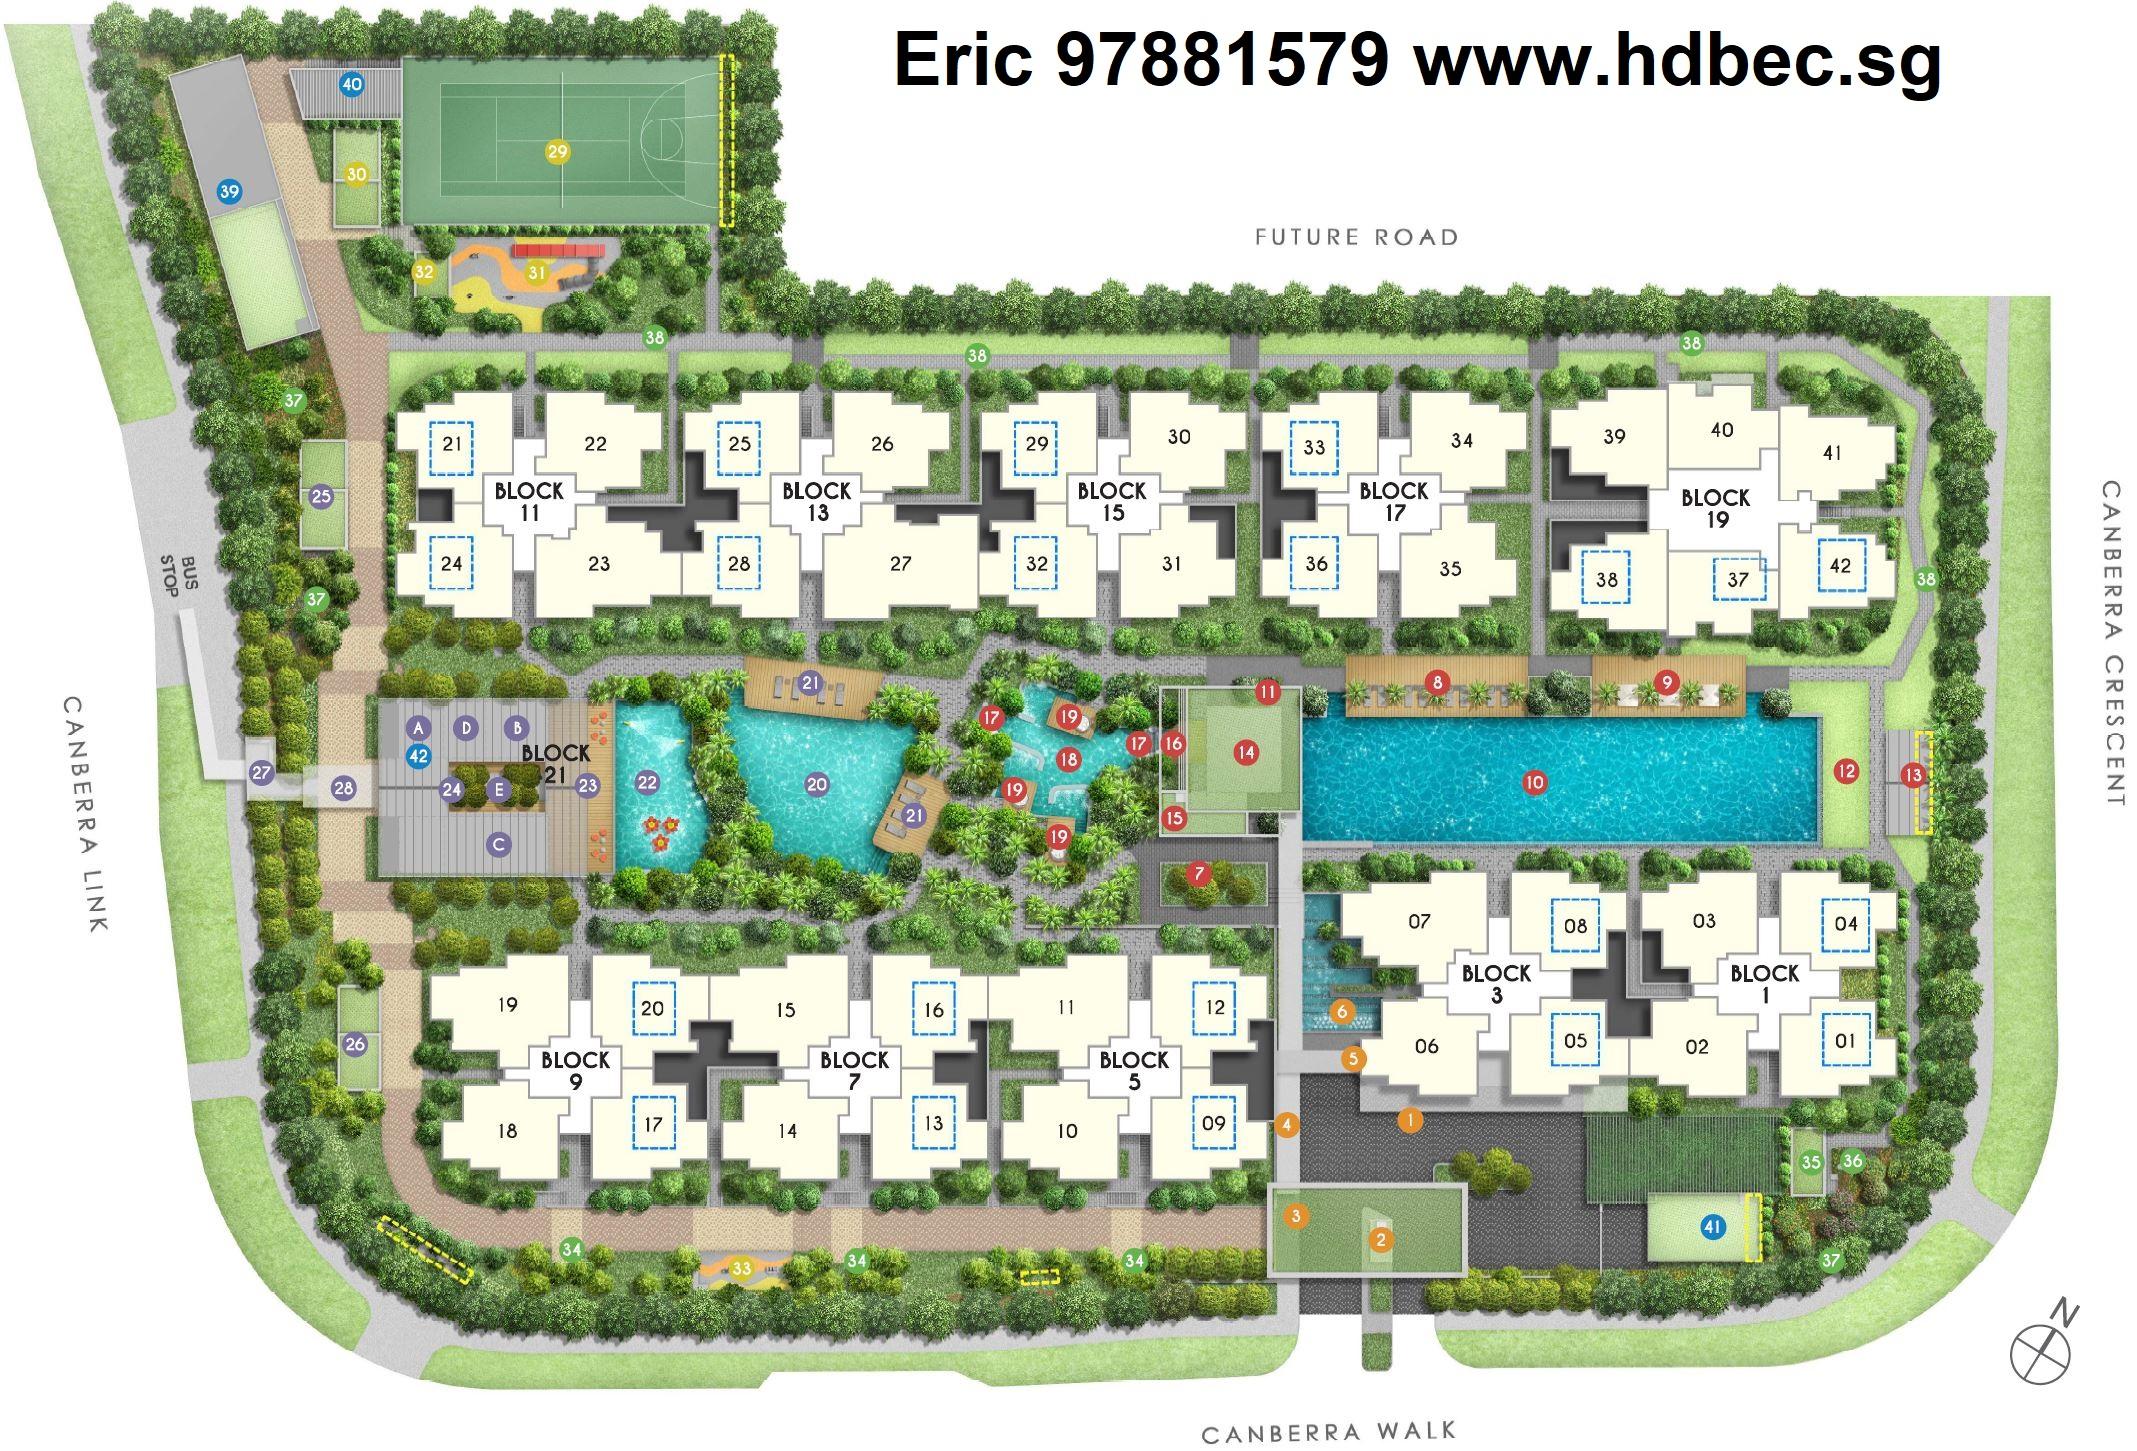 Parc Canberra EC Site Plan & Facilities